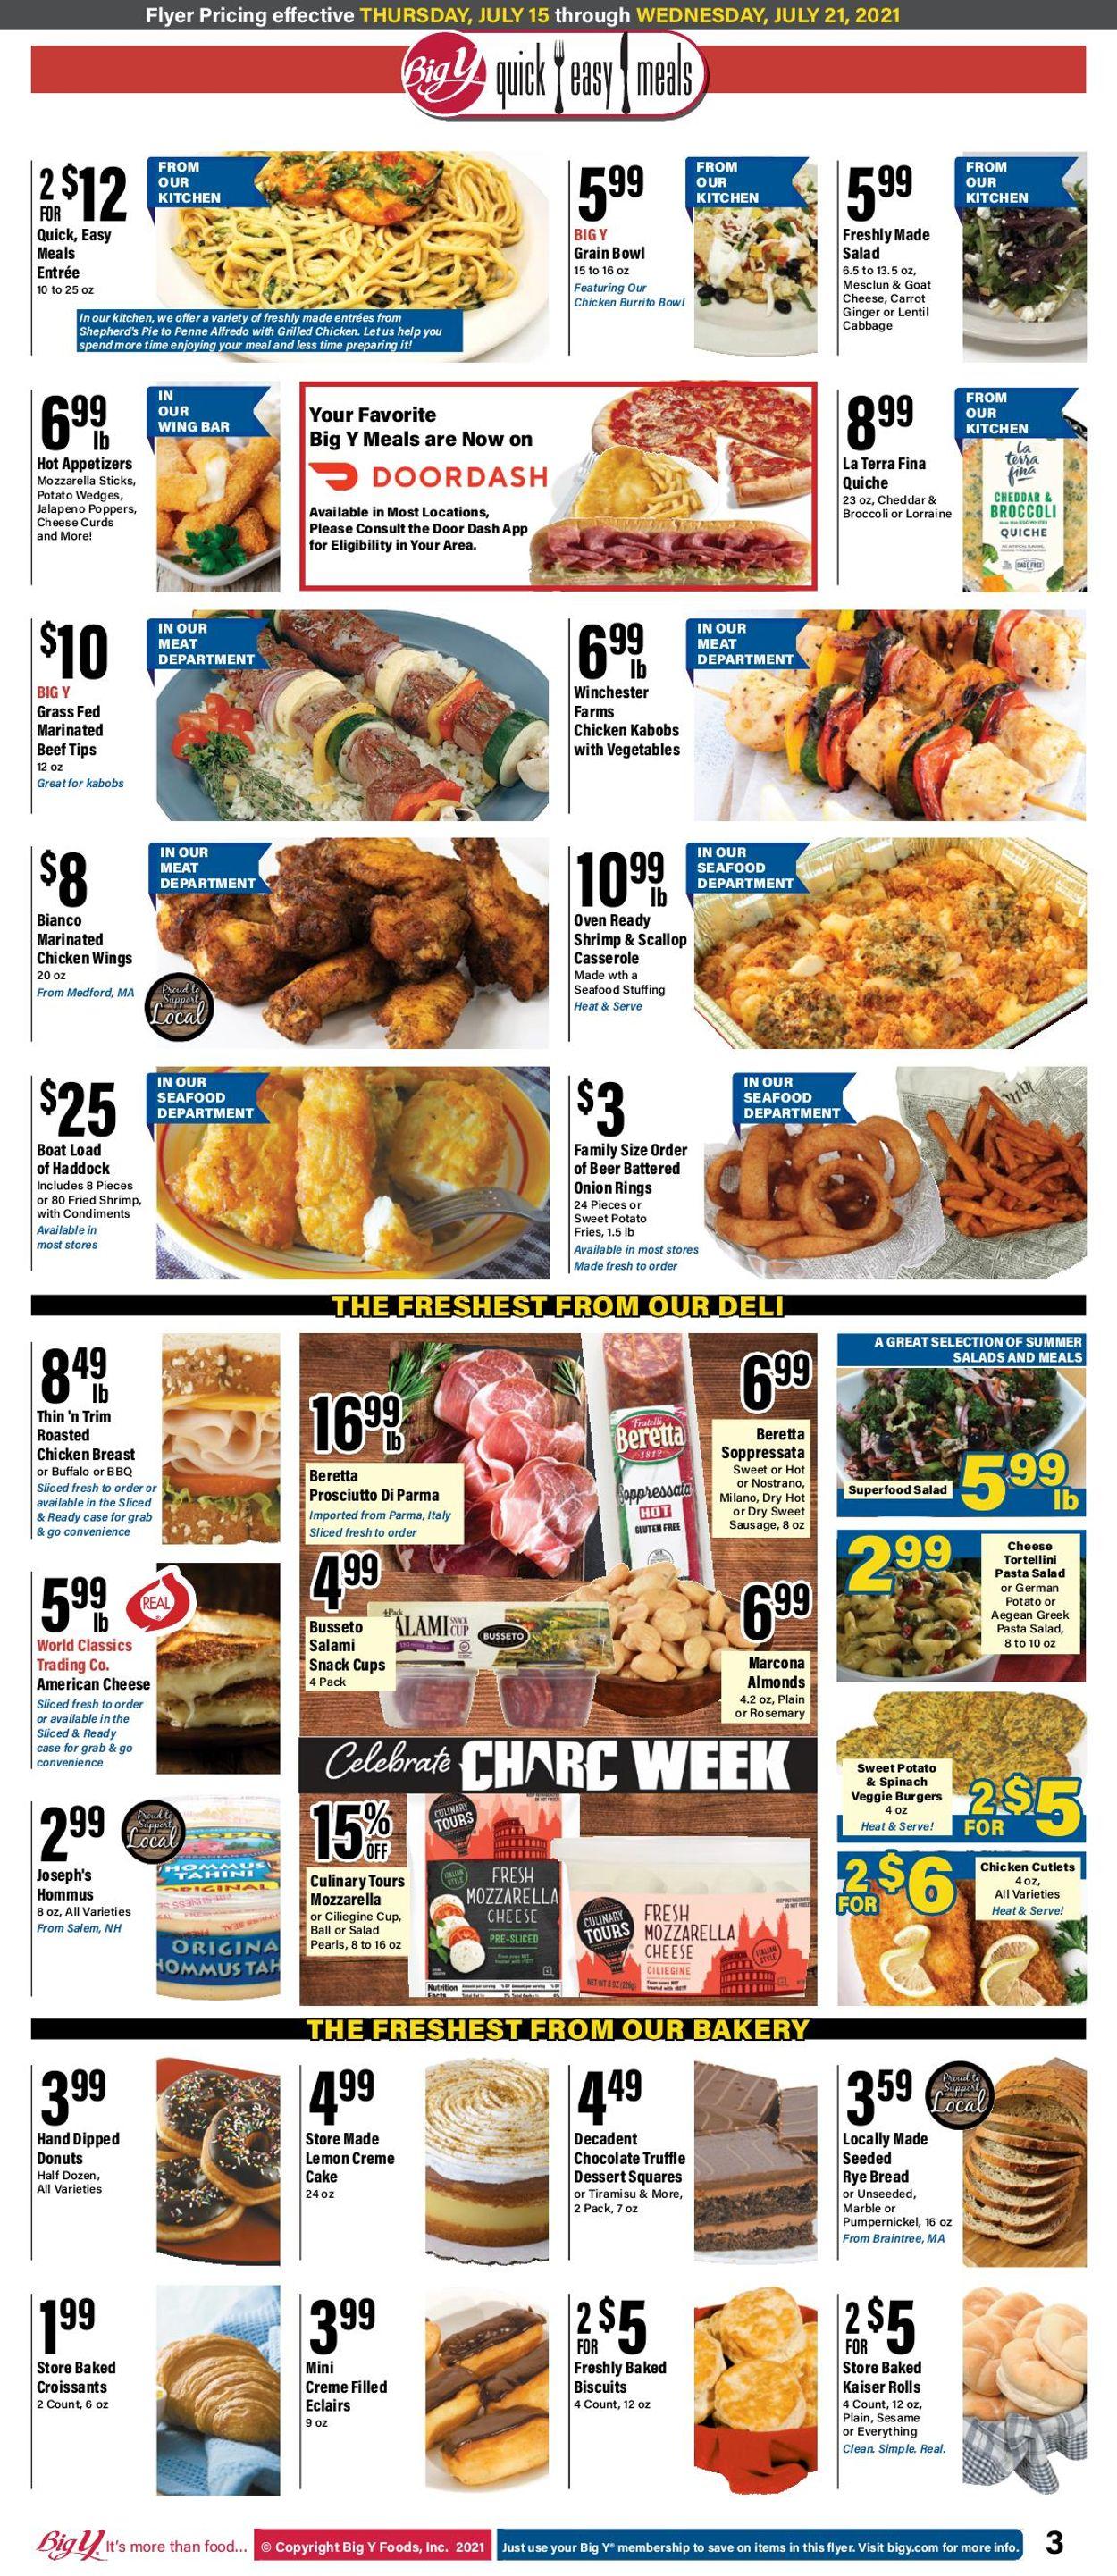 Big Y Weekly Ad Circular - valid 07/15-07/21/2021 (Page 3)